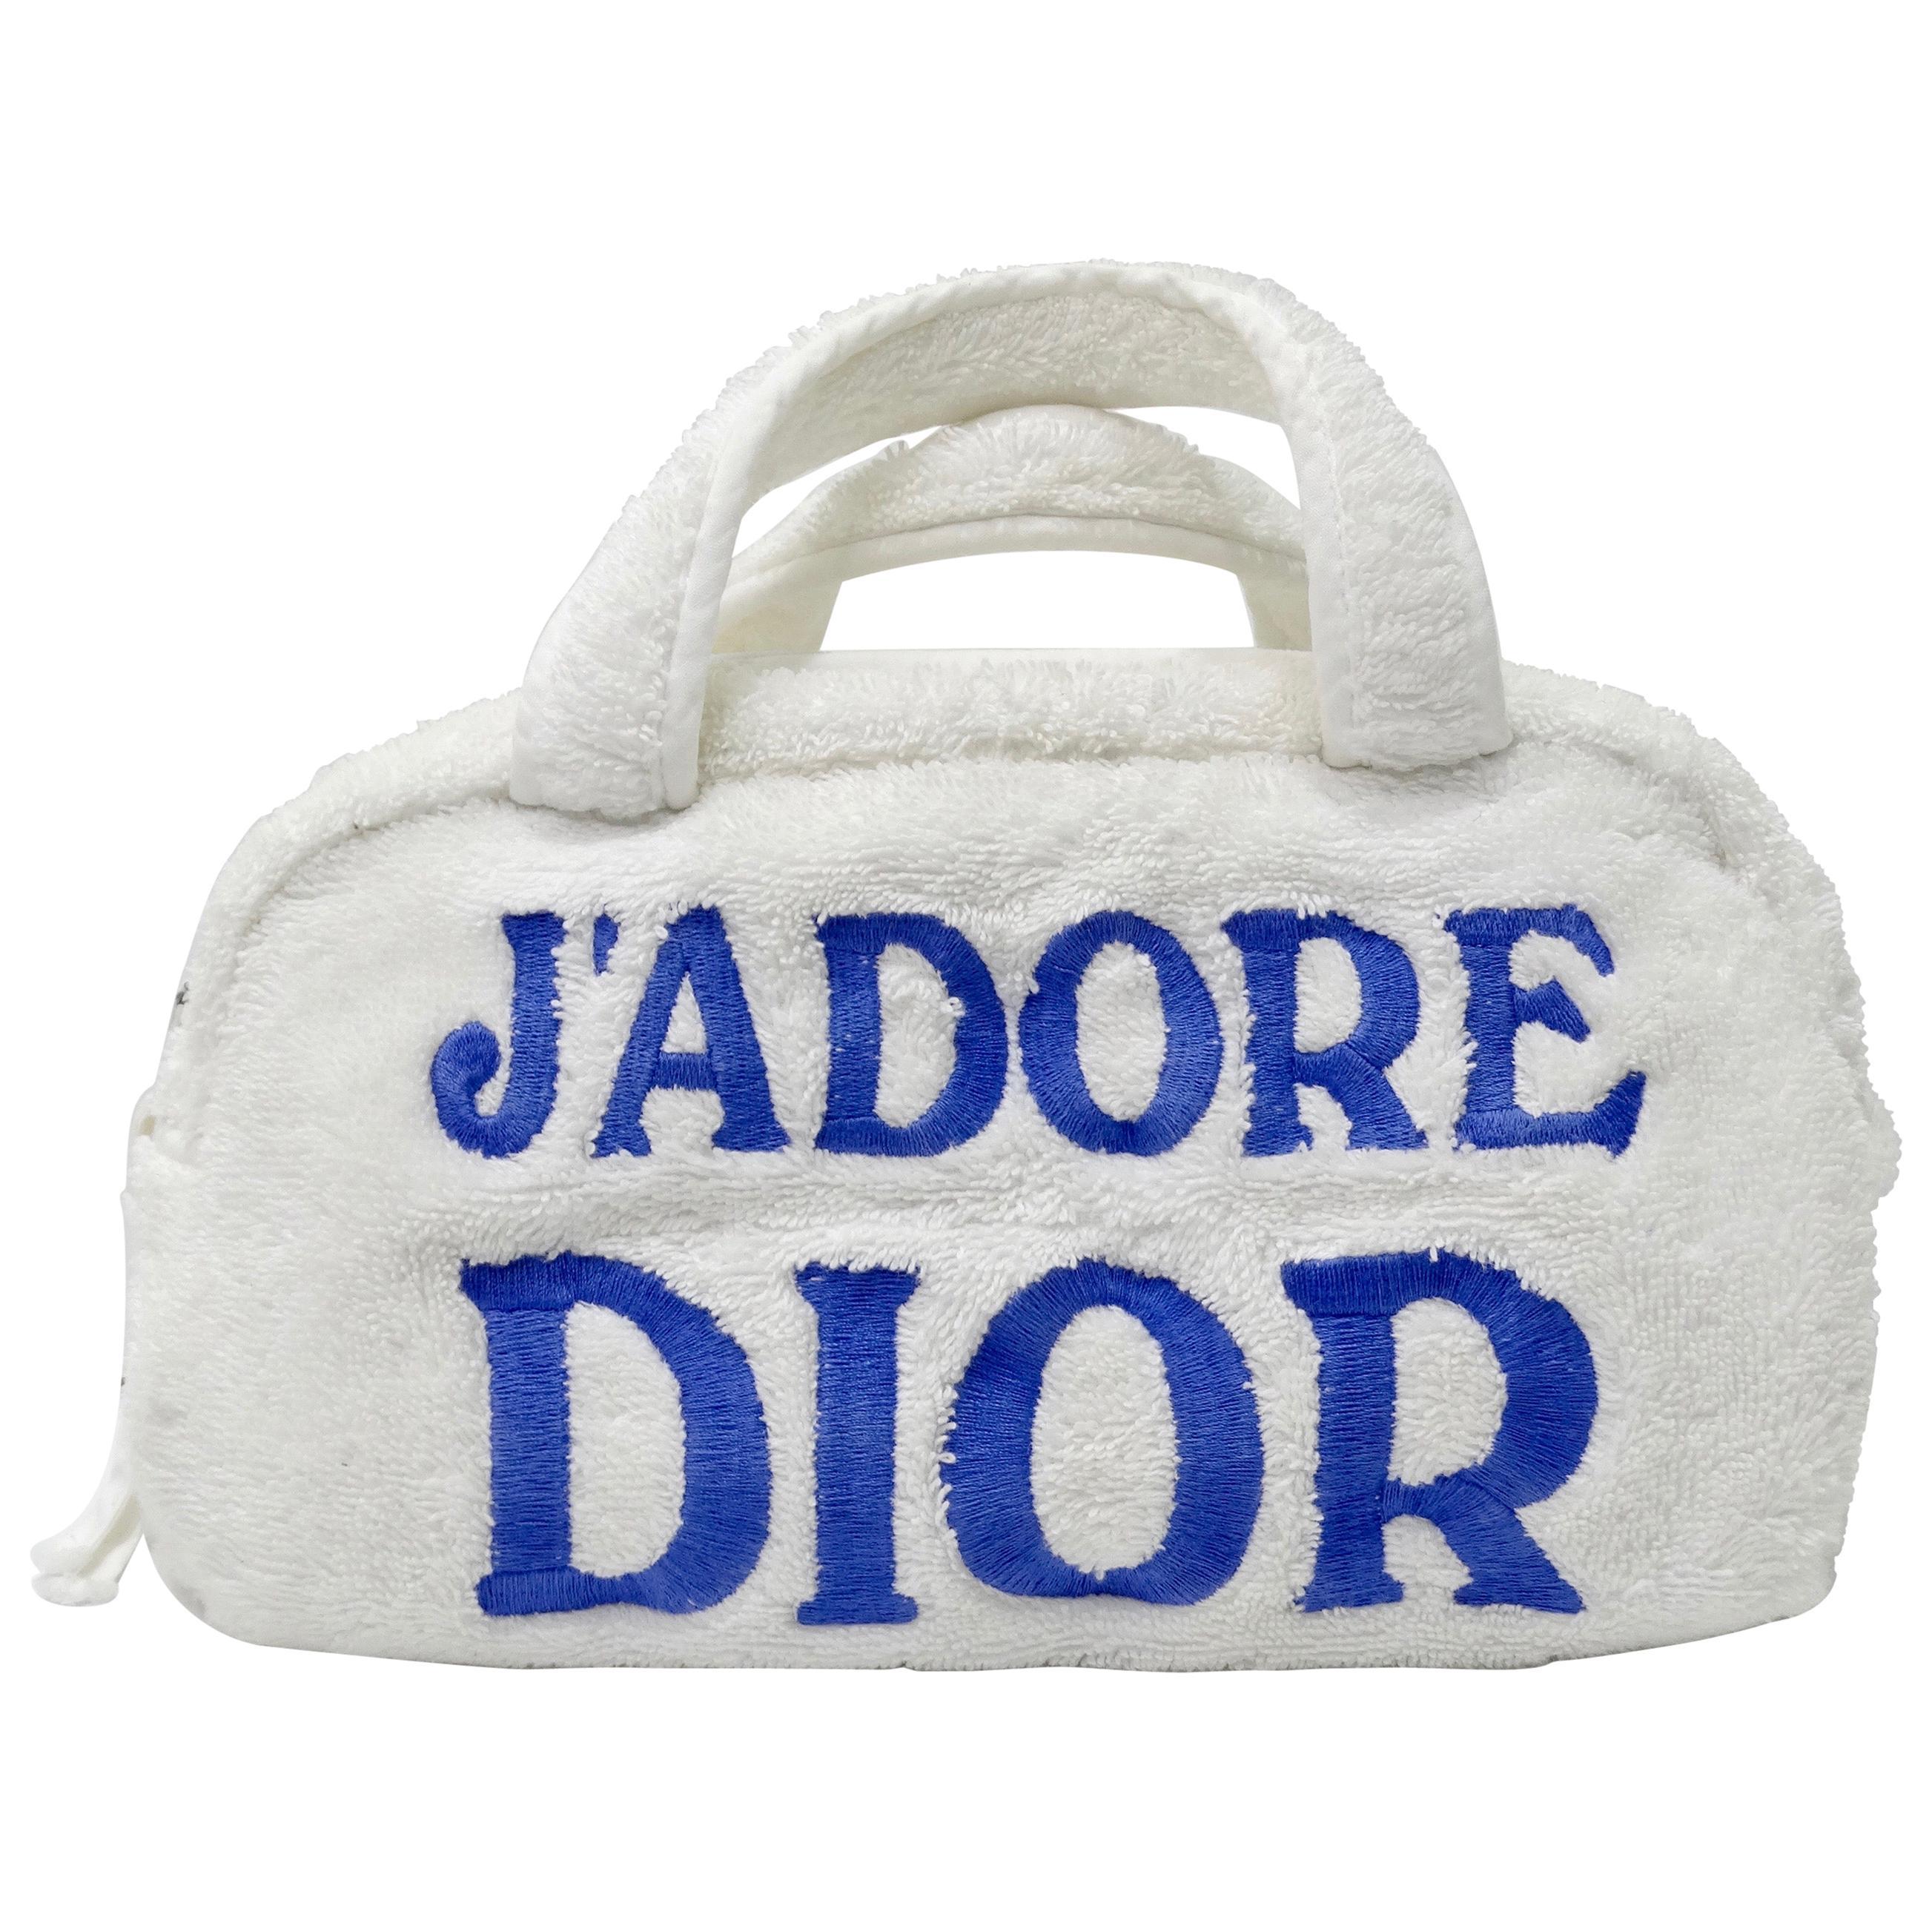 Christian Dior 'J'adore Dior' Terry Cloth Handbag